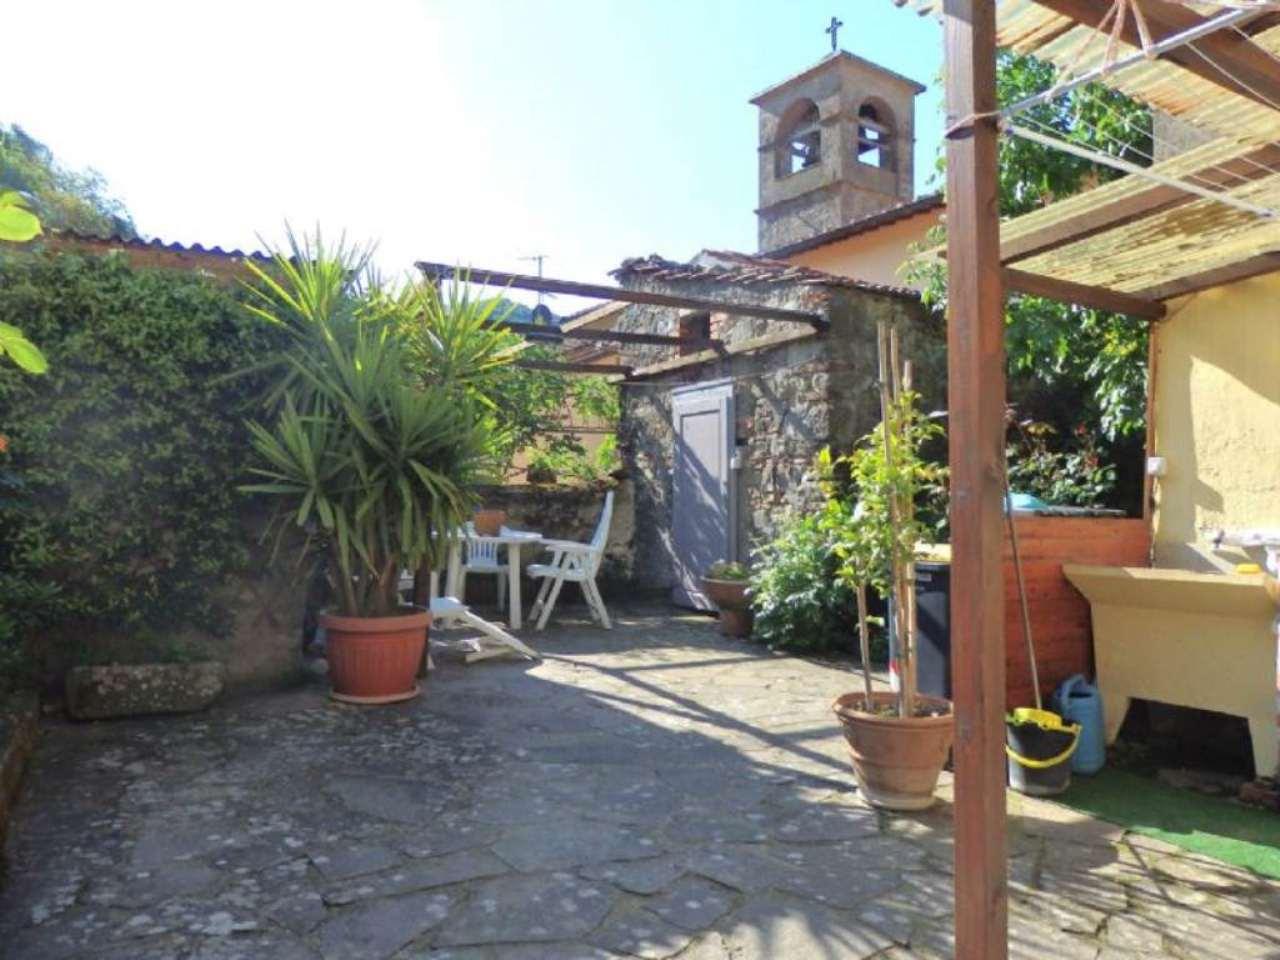 Palazzo / Stabile in vendita a Vernio, 8 locali, prezzo € 178.000 | Cambio Casa.it